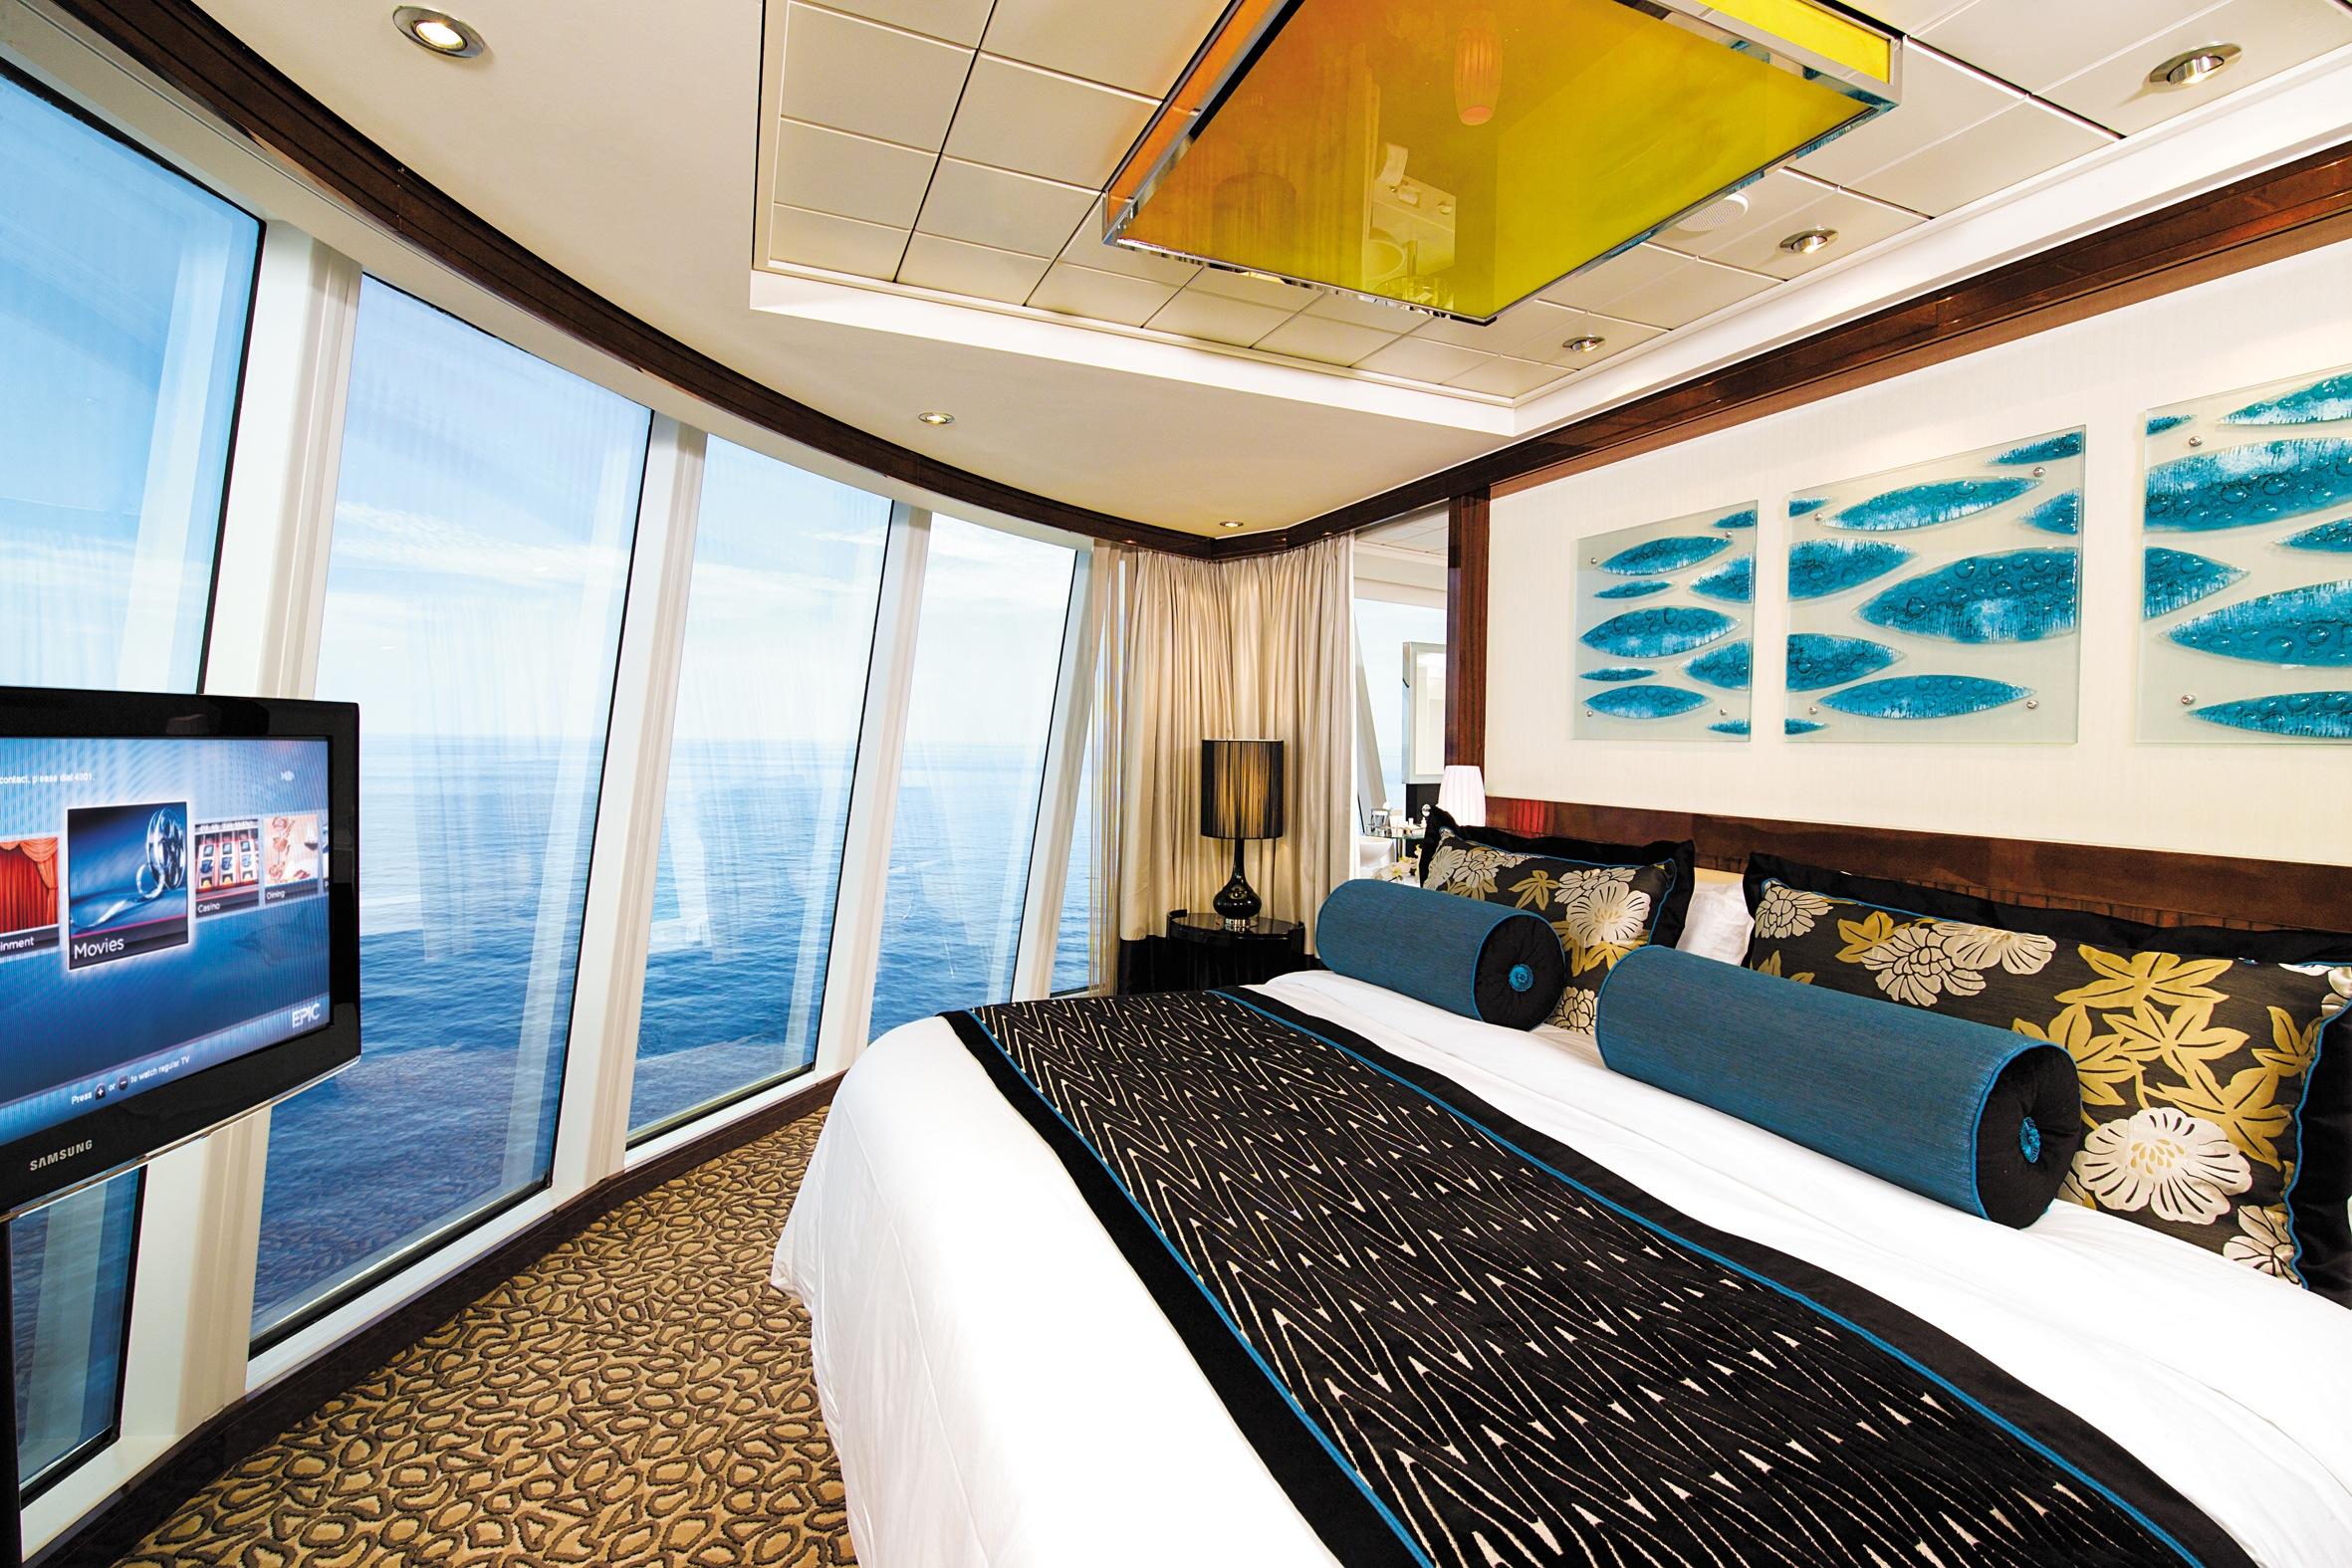 Norwegian Cruise Line Norwegian Epic Accommodation Deluxe Owners Suite Bedroom.jpg